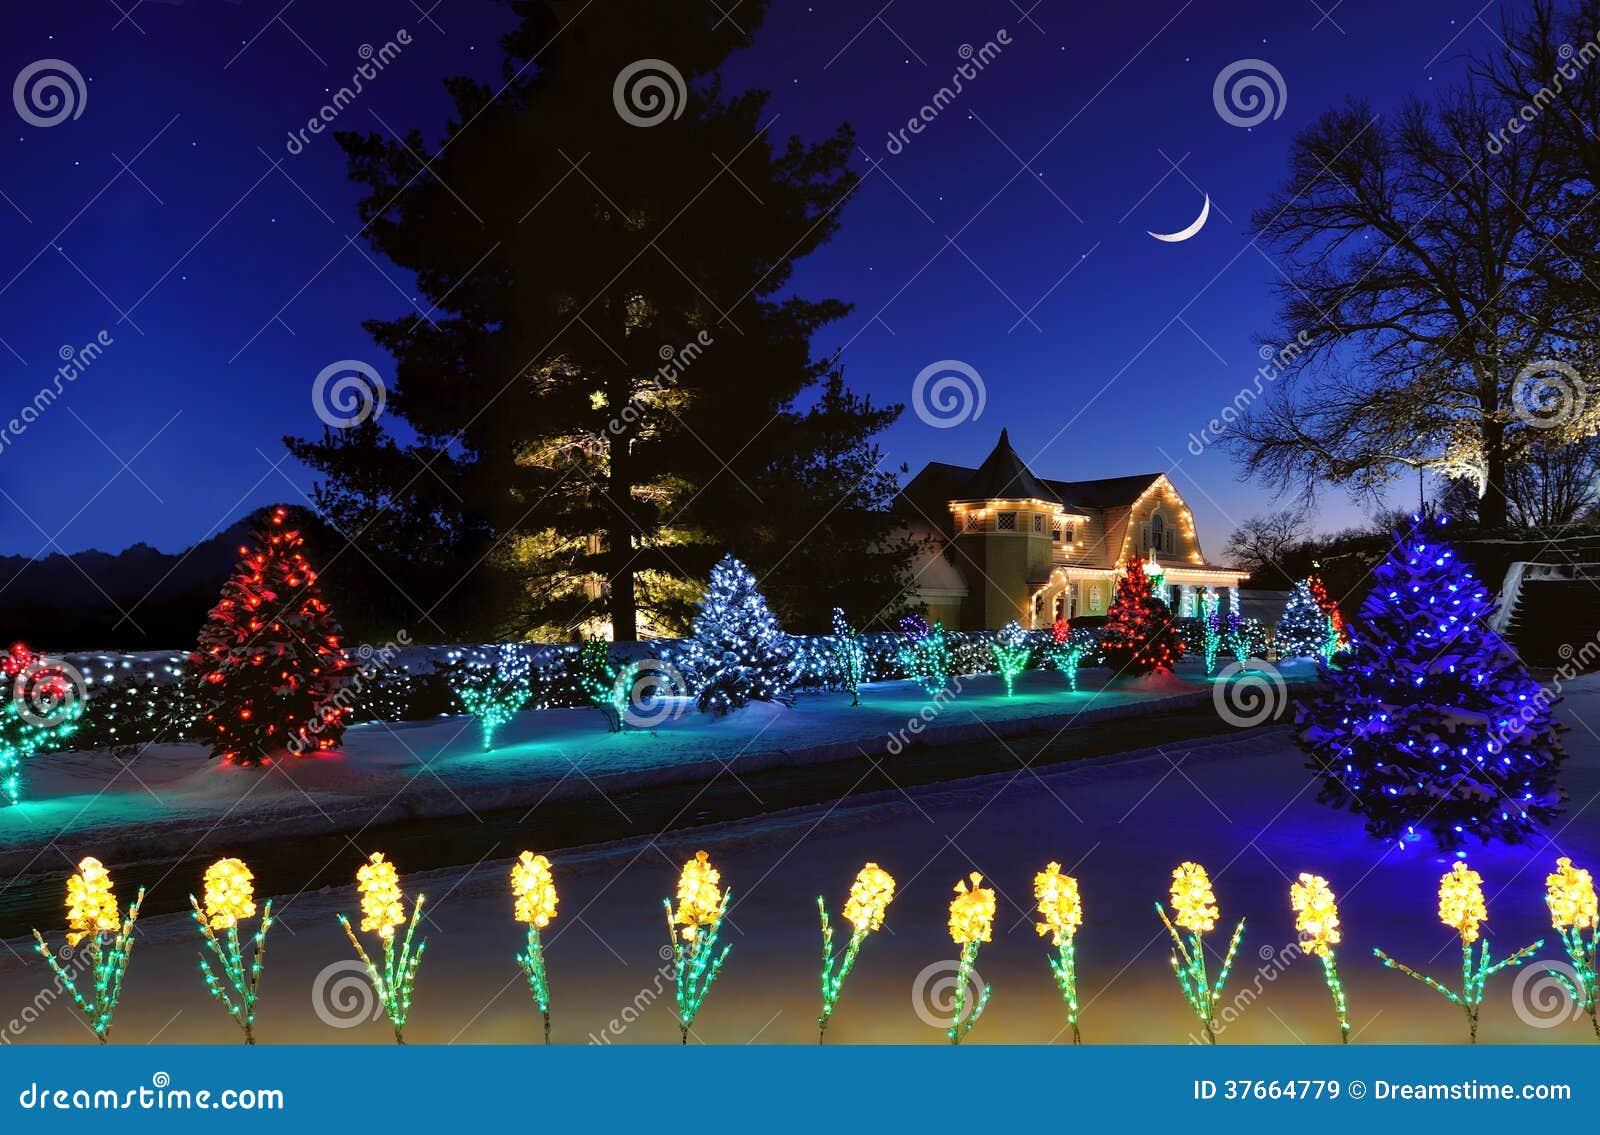 Country Christmas stock image. Image of oglebay, christmas - 37664779